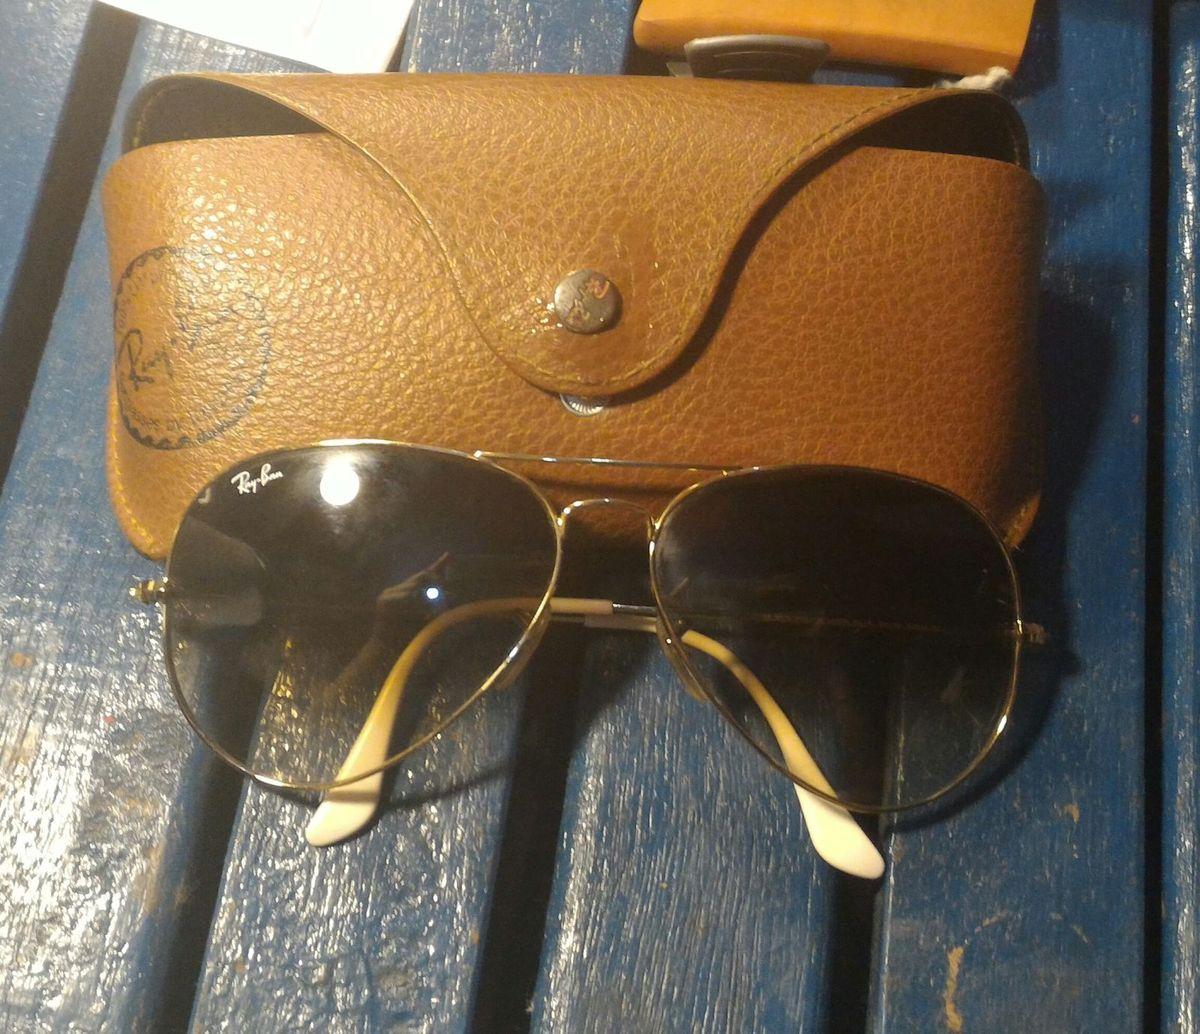 756c7a25acfe4 tom cruise em topgun - óculos ray-ban.  Czm6ly9wag90b3muzw5qb2vplmnvbs5ici9wcm9kdwn0cy81mji3nzixlzlizjdlowyznzjjzmiynti0zdkzotczoguzymezm2jklmpwzw  ...